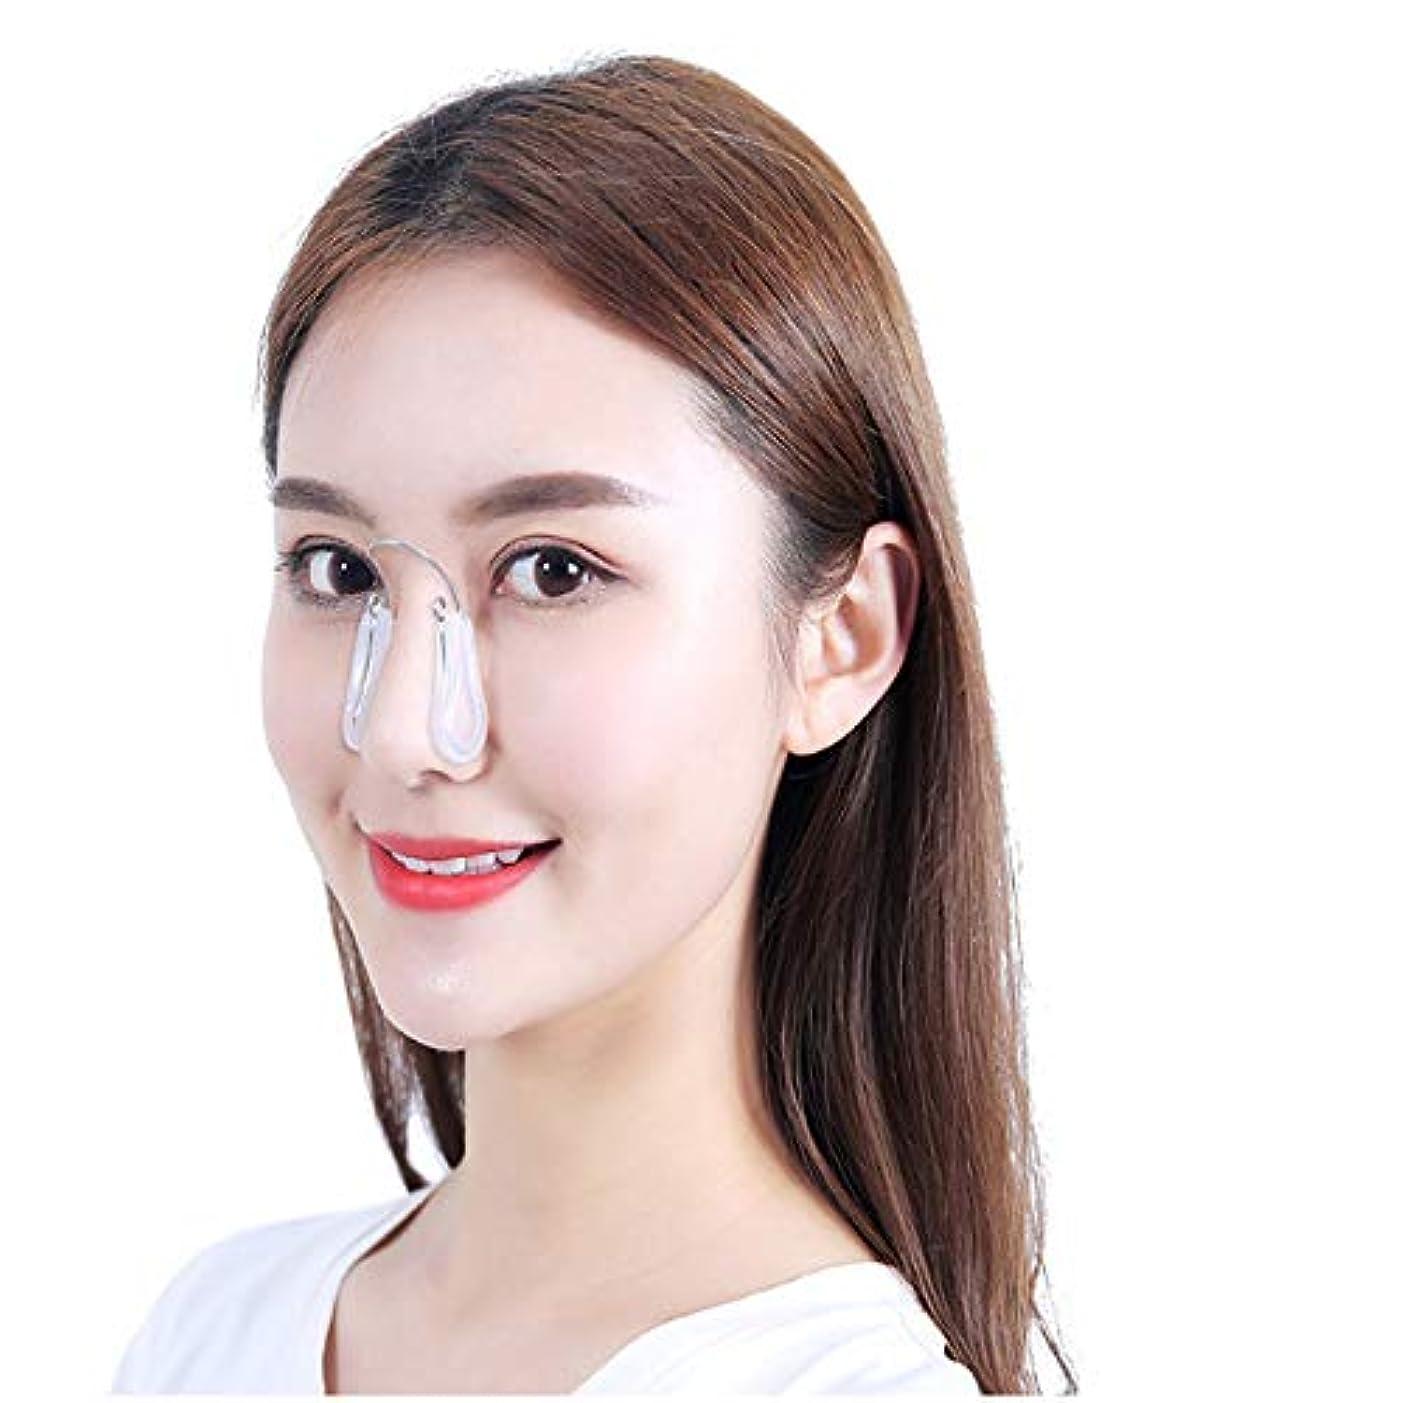 不屈フラッシュのように素早く噴火GOIOD 美鼻ケア 鼻 人工鼻 増強美容 鼻のデバイスシリコンクリップ 鼻筋矯正 簡単美鼻ケア